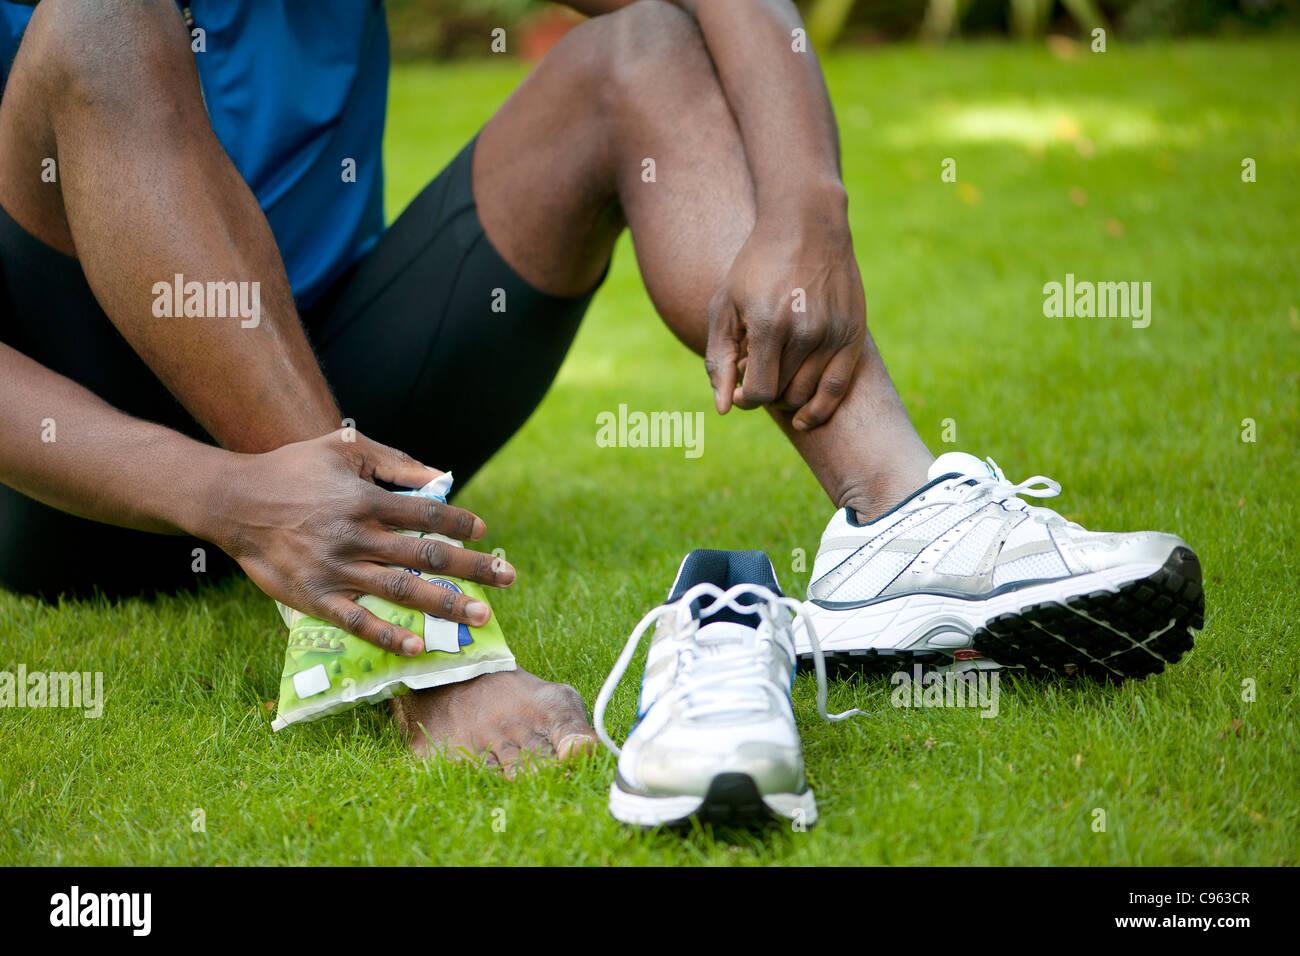 L'homme d'appliquer un sac de glace à sa cheville blessée. Photo Stock